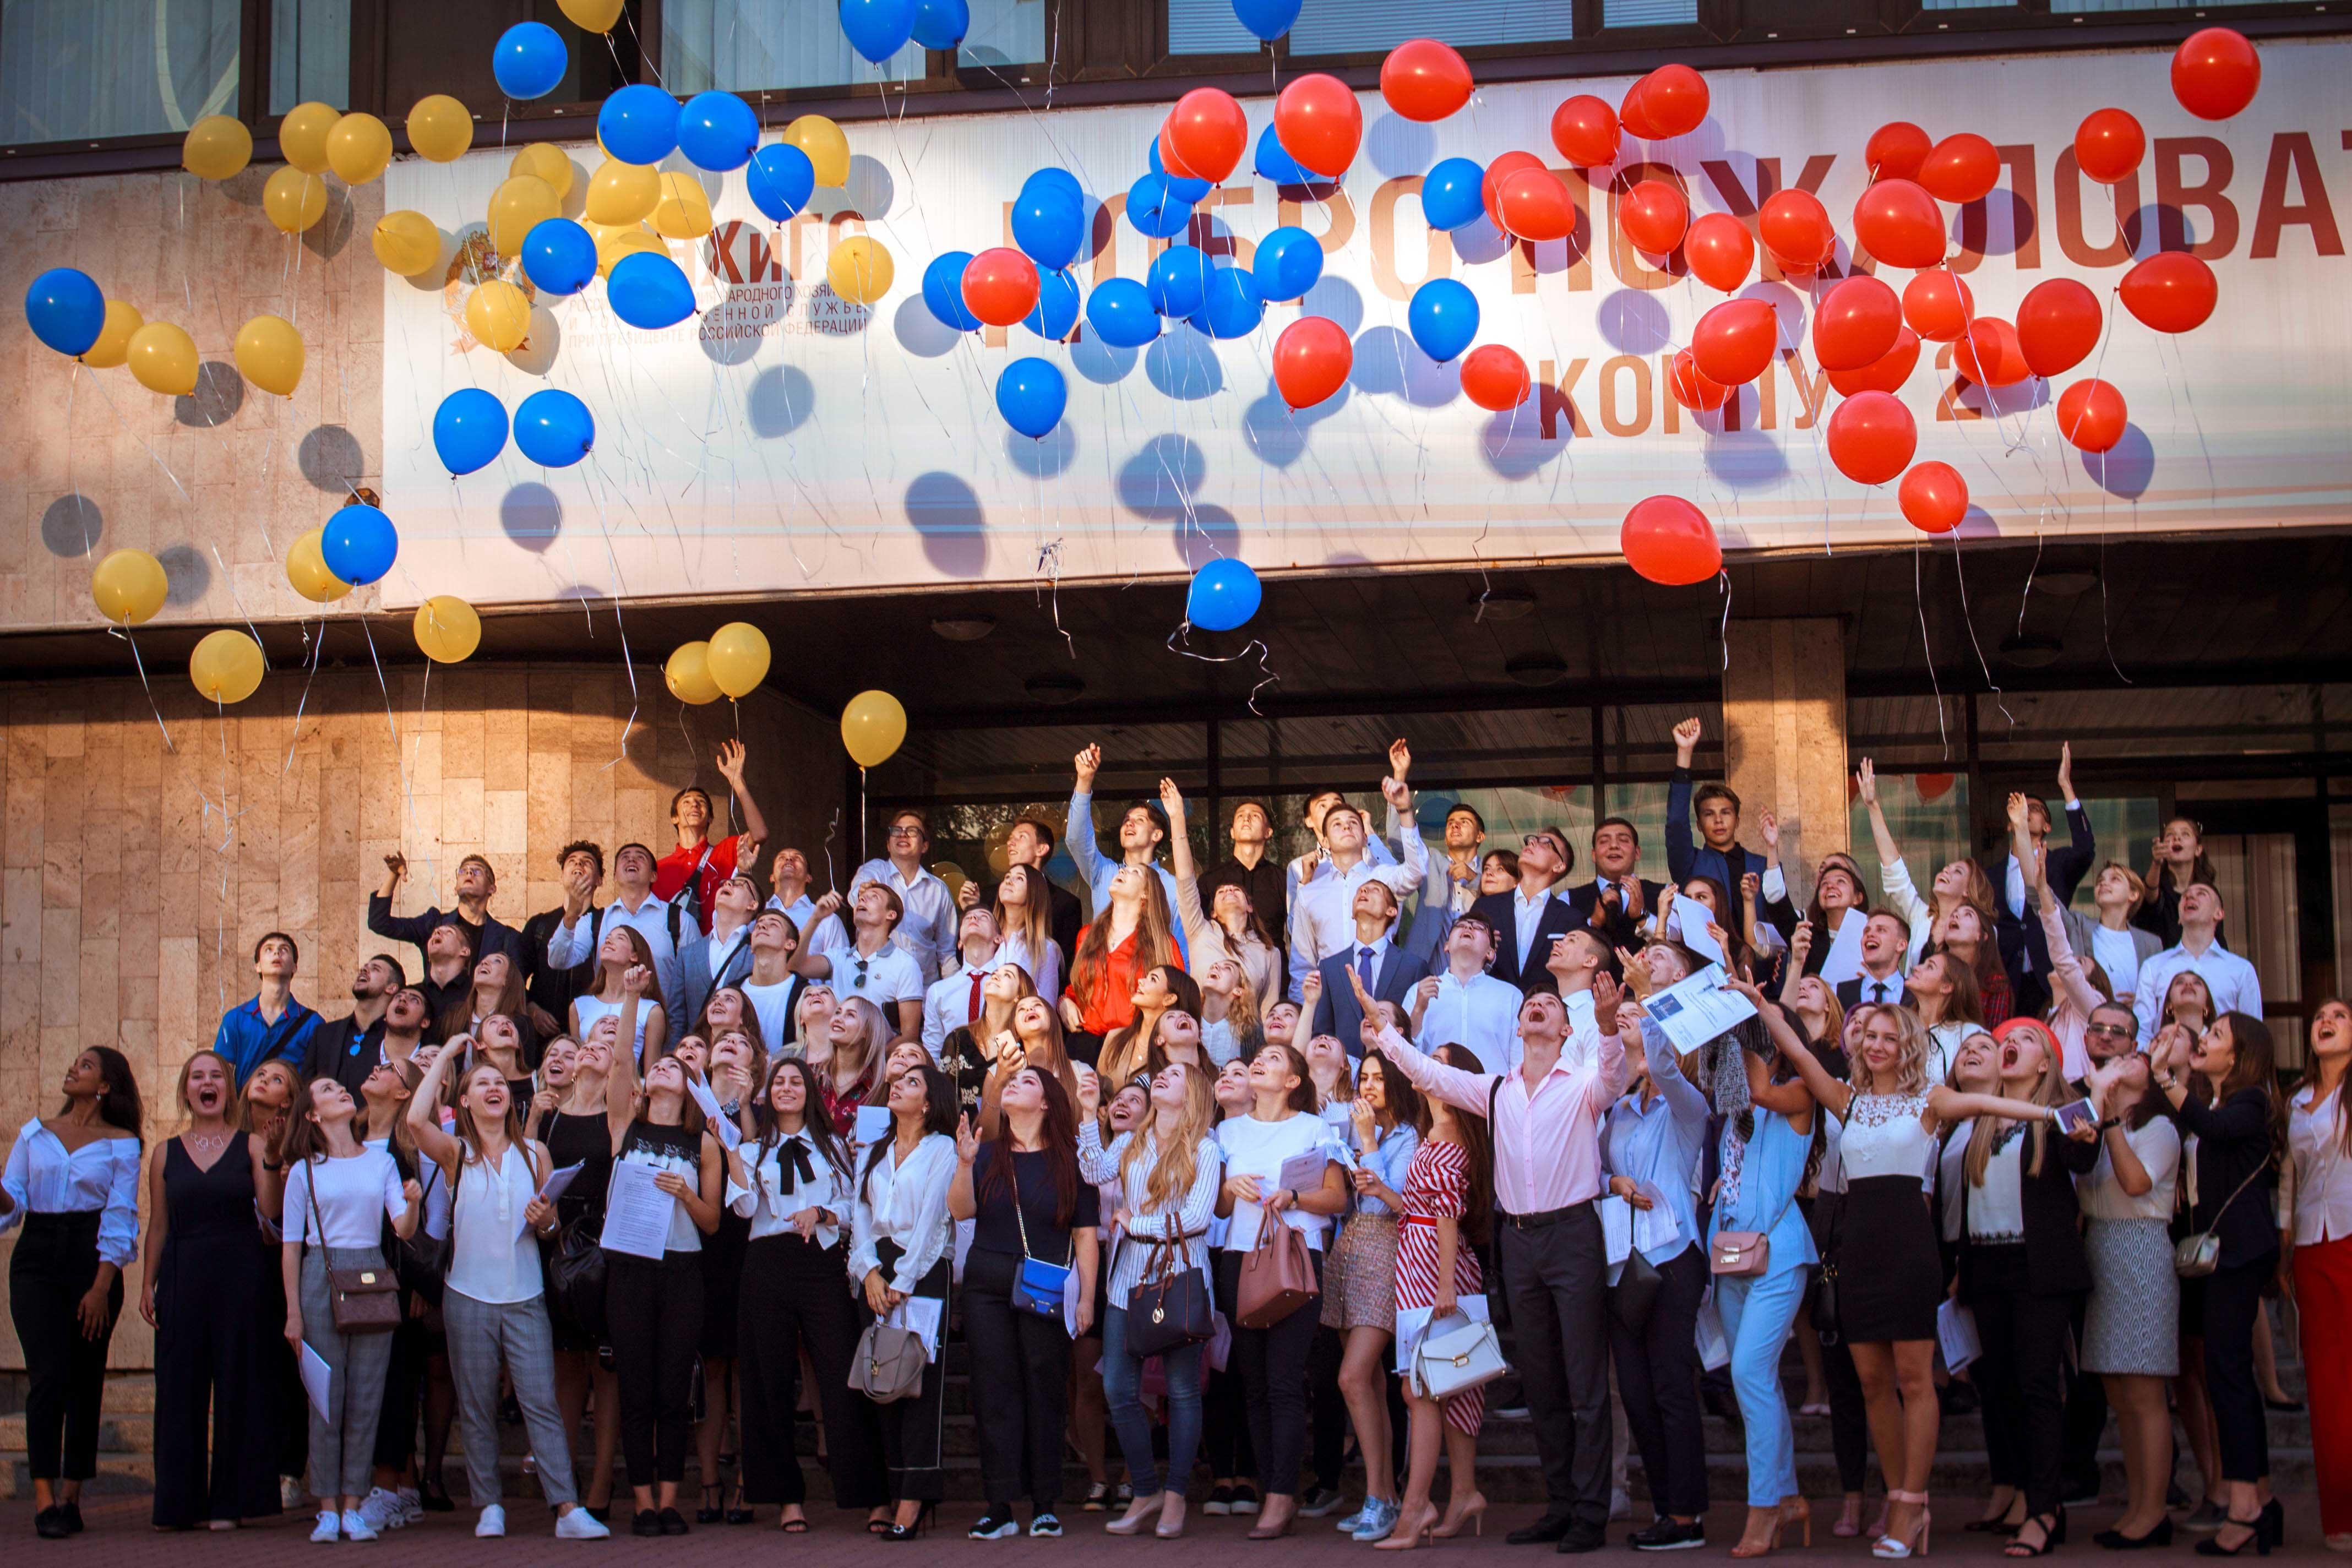 7 сентября прошло посвящение в студенты первокурсников бакалаврских программ Факультета международного бизнеса и делового администрирования Института бизнеса и делового администрирования (ИБДА) РАНХиГС